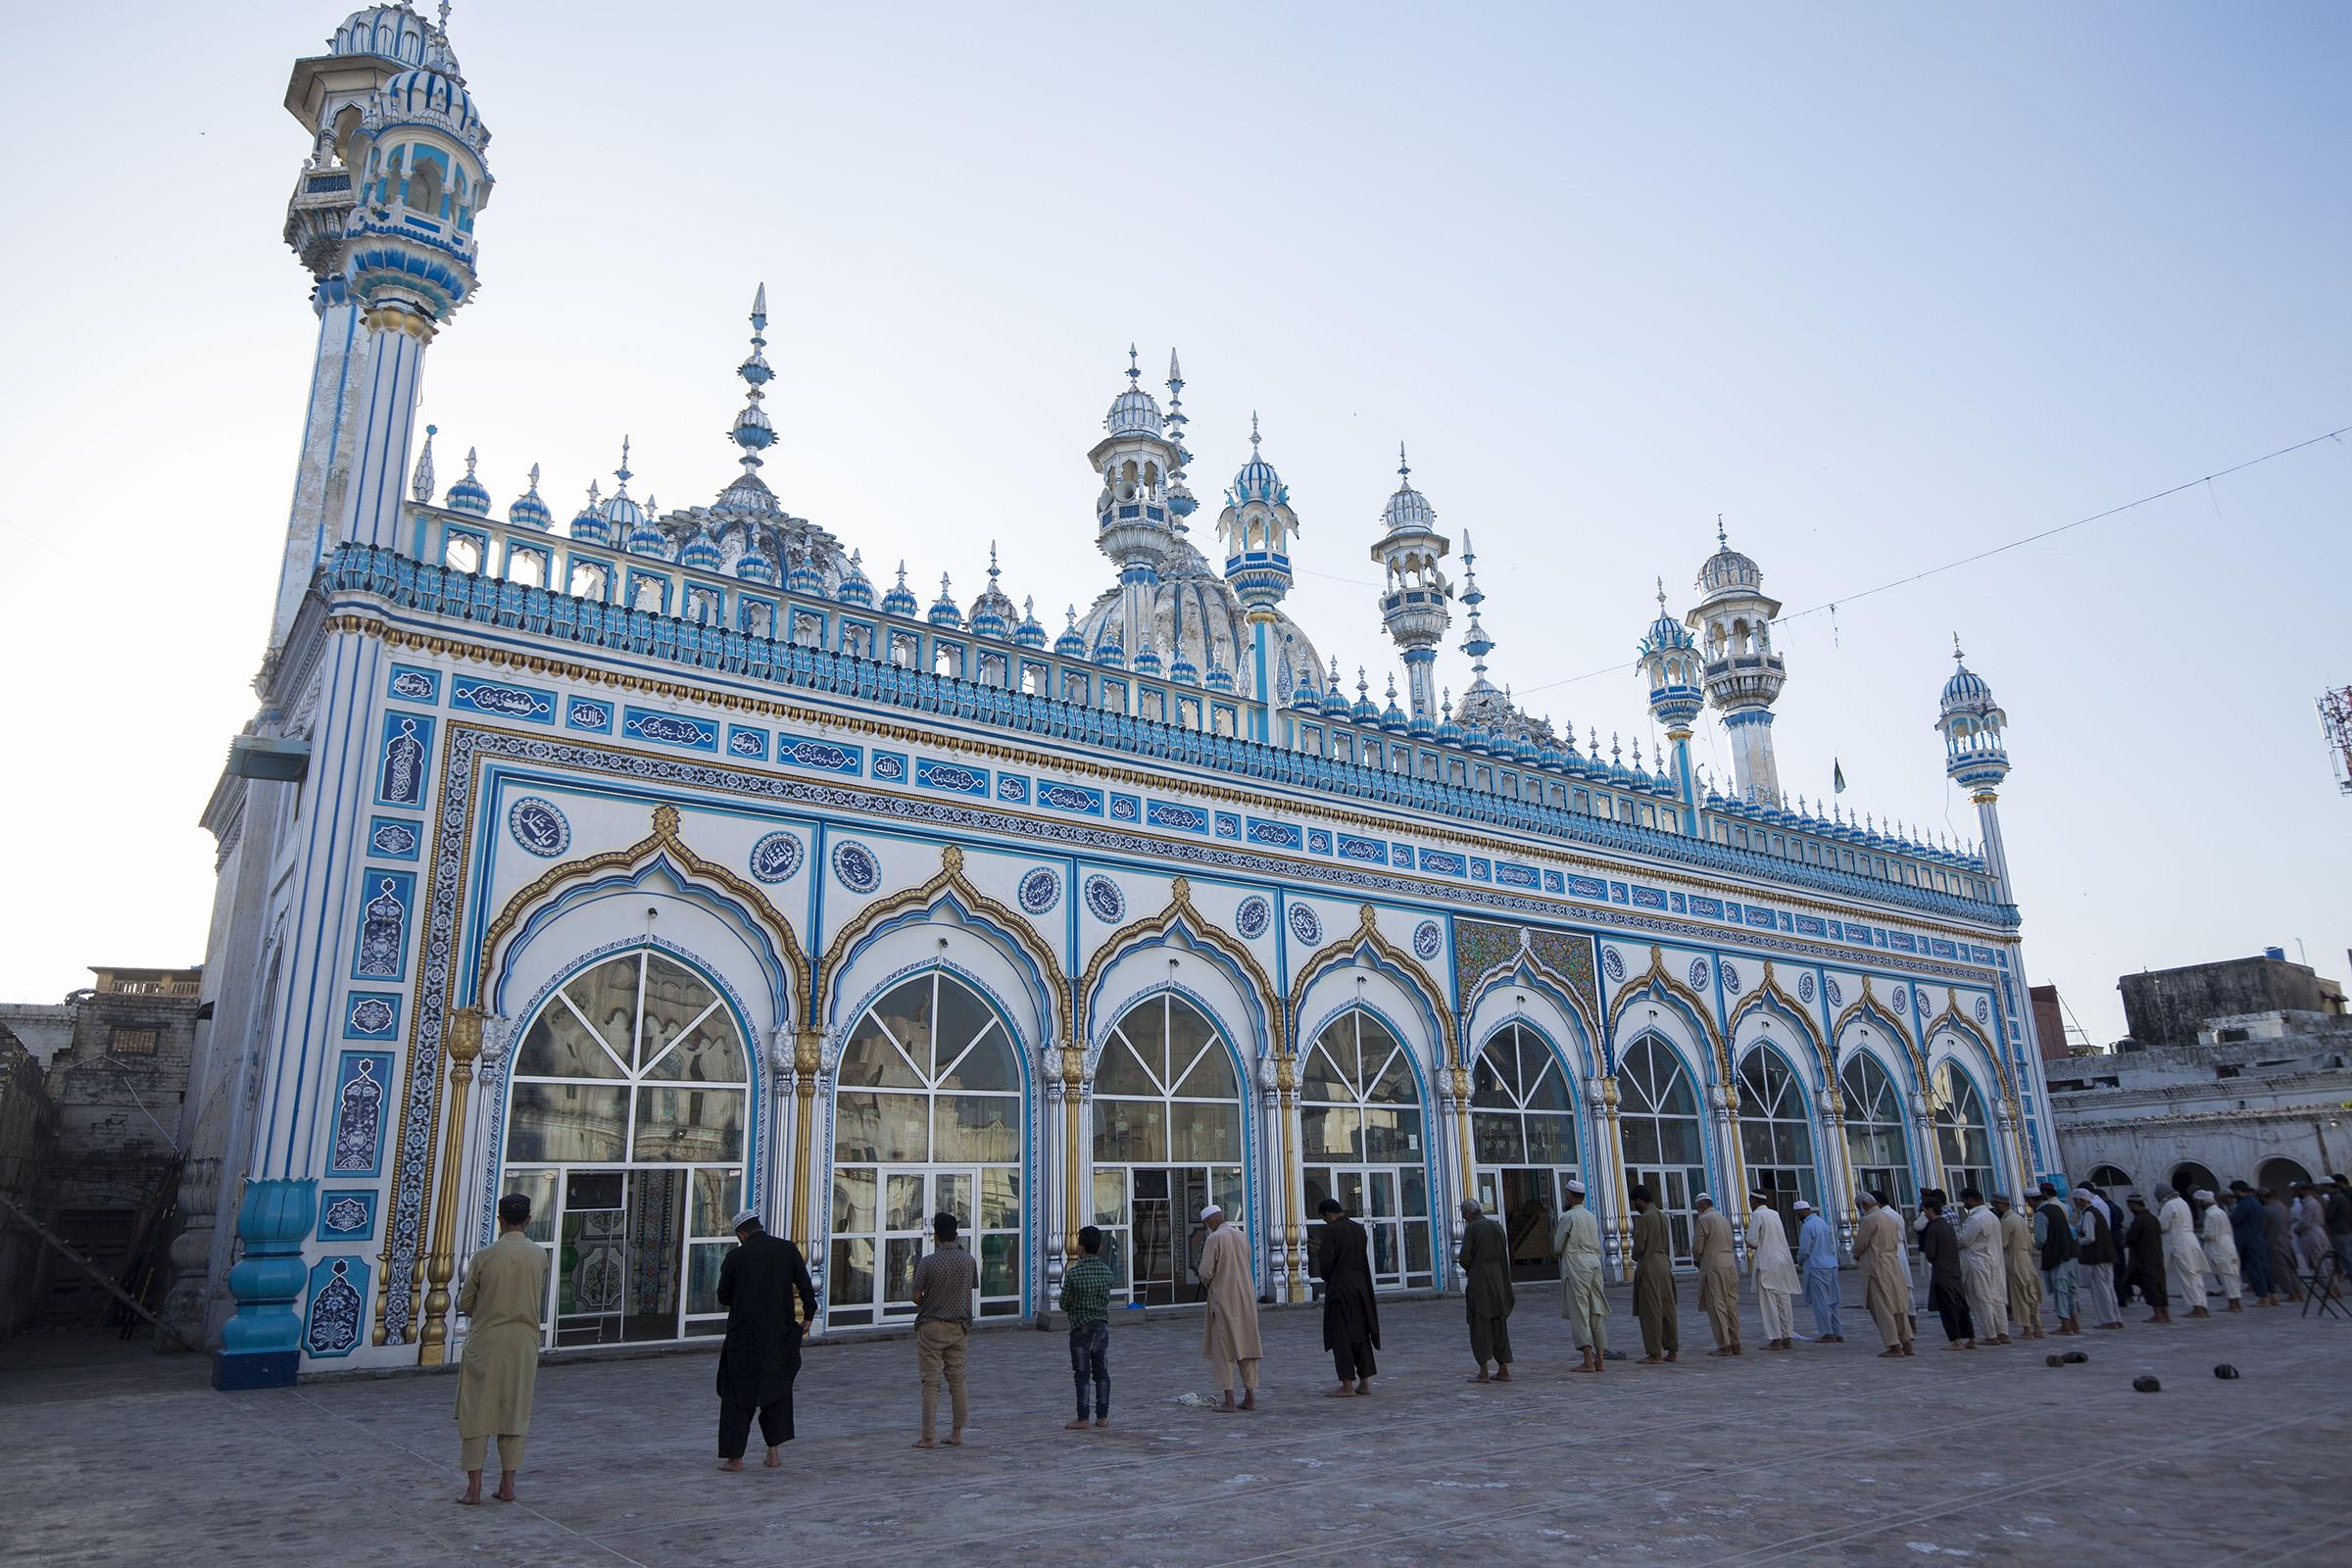 Praying at Jamia Masjid mosque in Rawalpindi, Pakistan, on April 23, 2020, during the coronavirus pandemic.